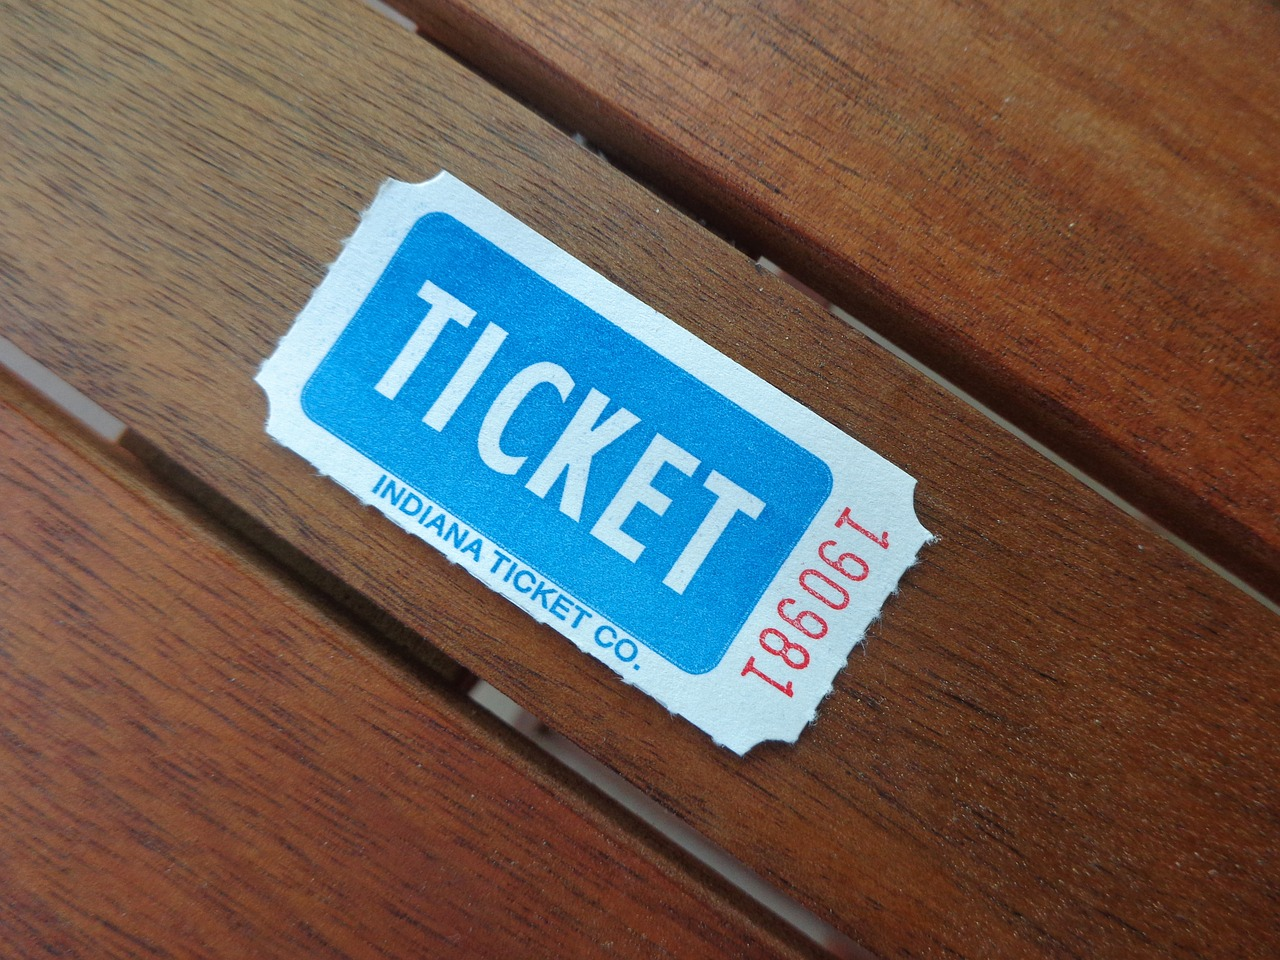 ホットヨガスタジオLAVAのマンスリー4と1回券どっちがお得?料金や永久会員制度についても解説!